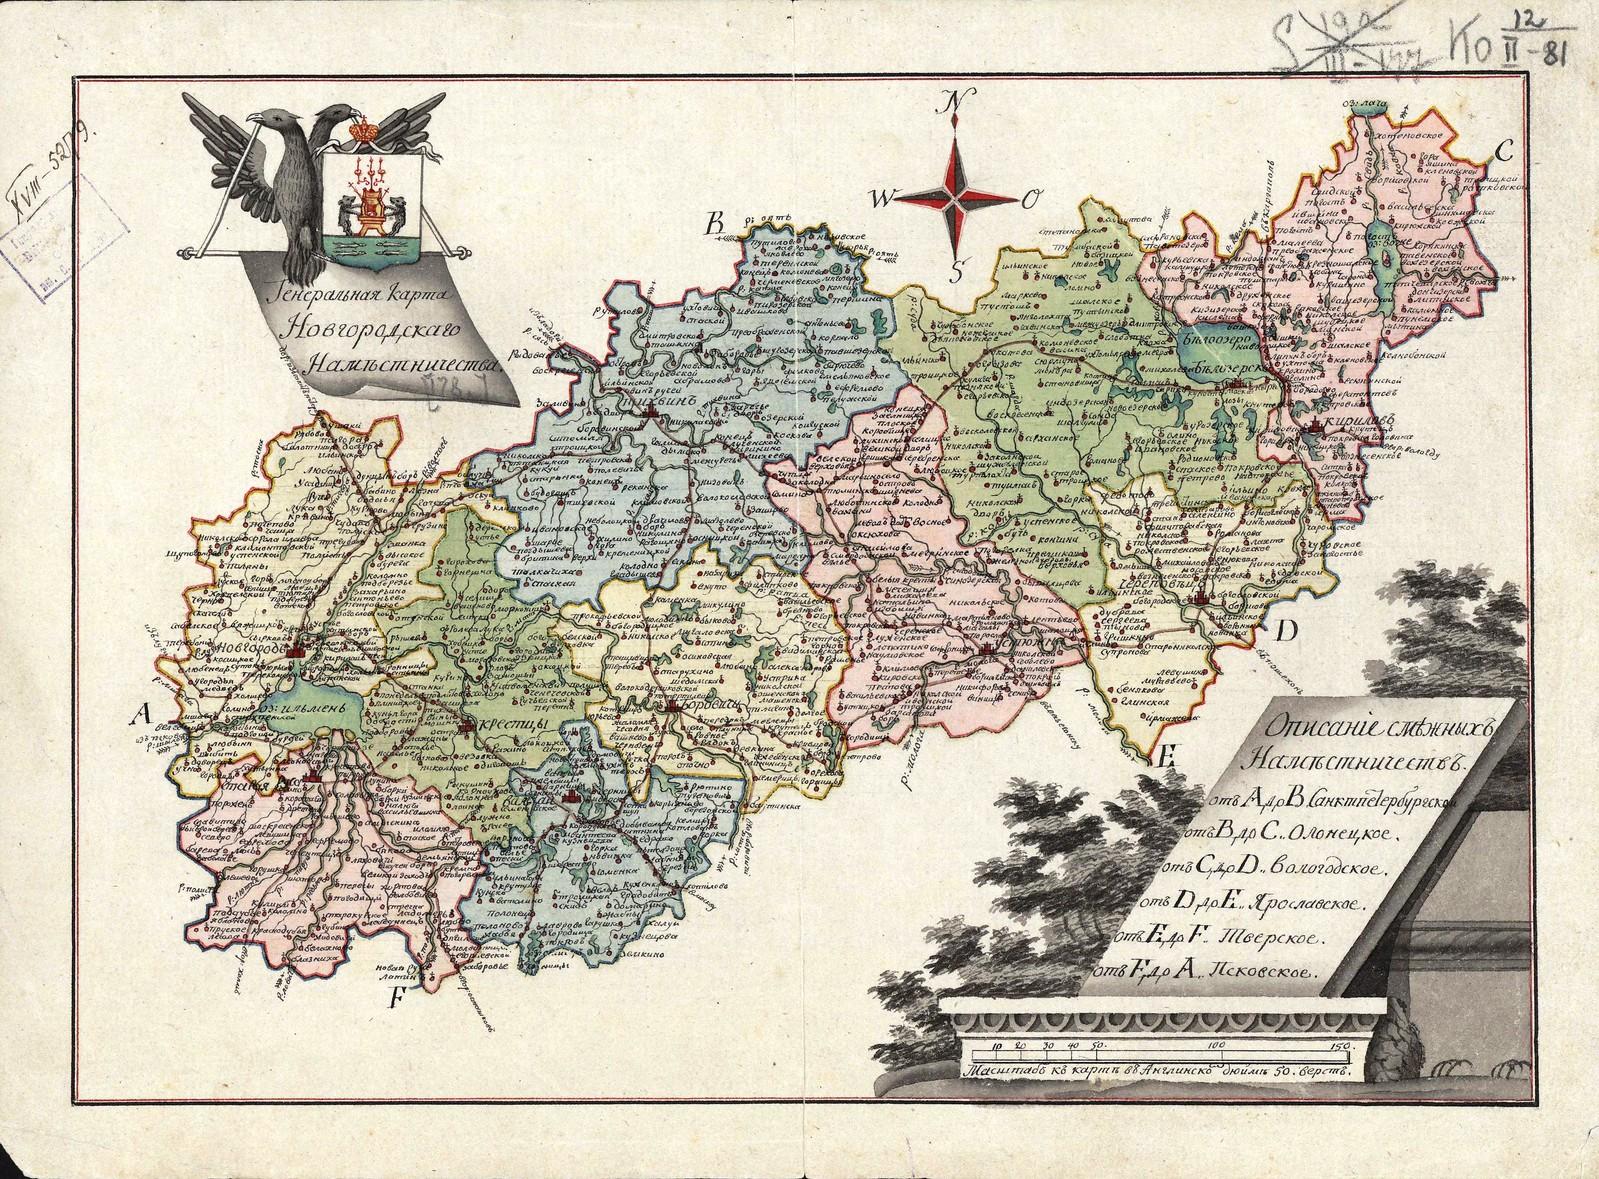 1780-е. Генеральная карта Новгородскаго наместничества